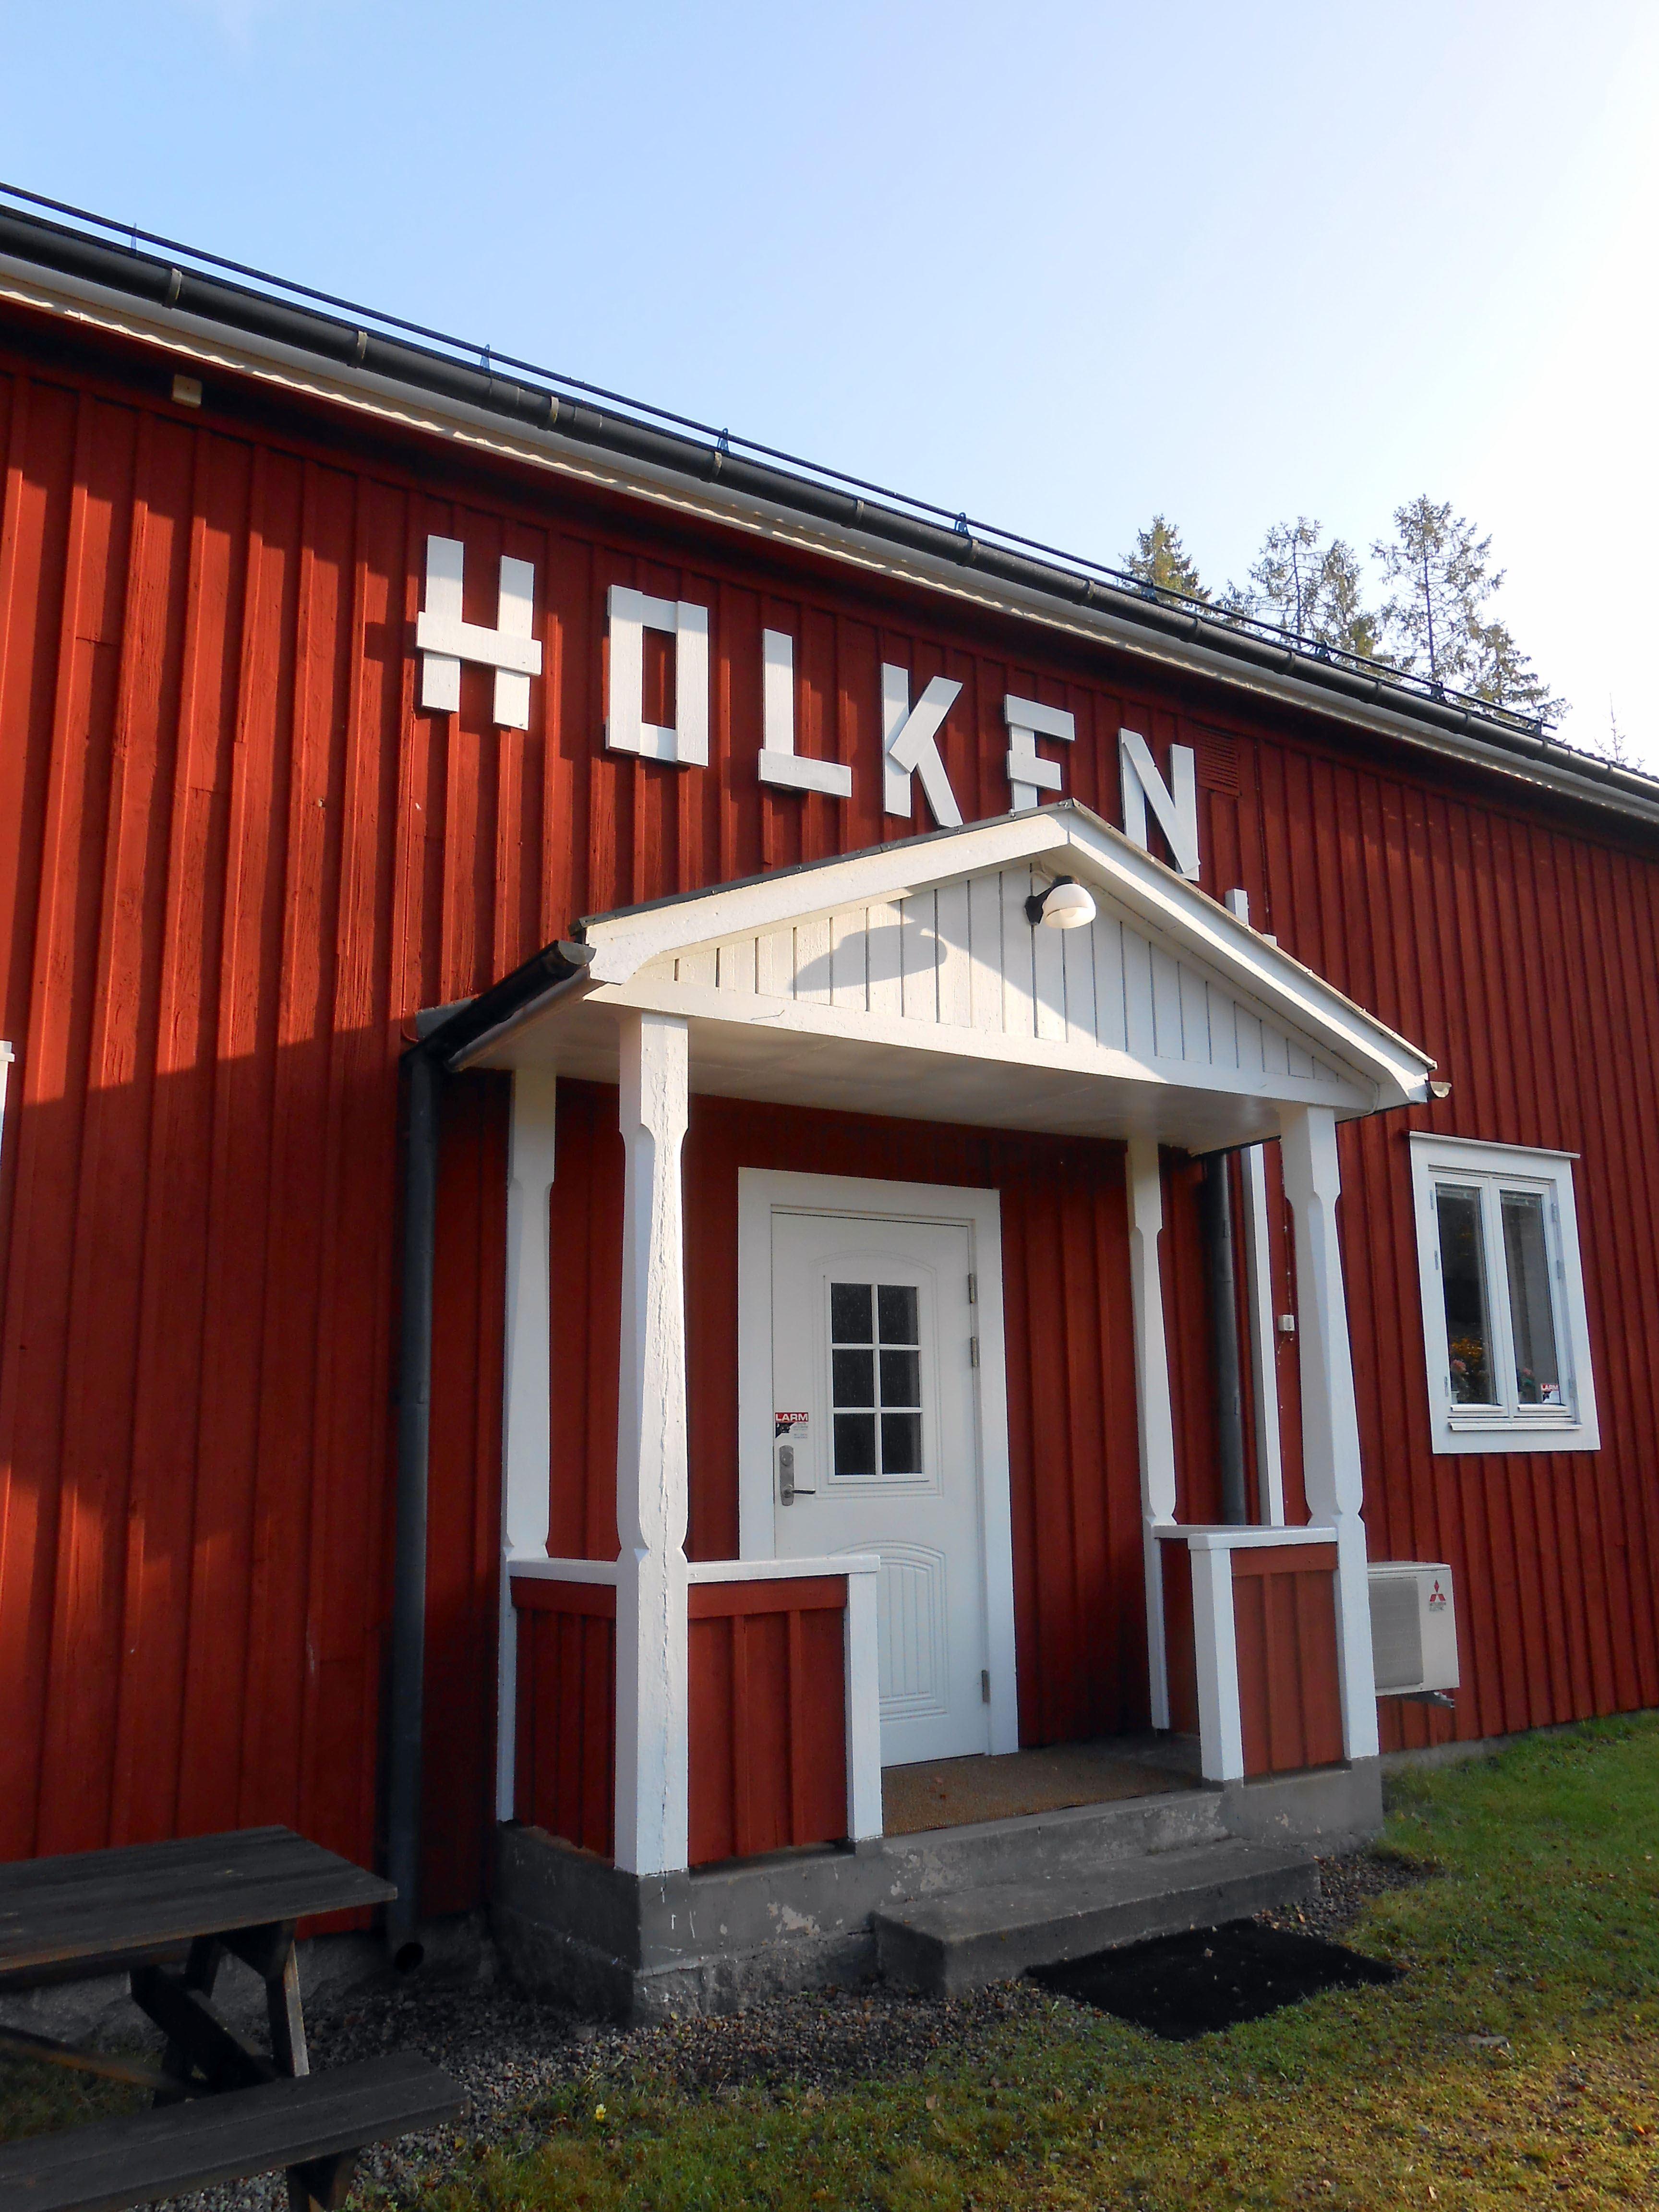 Flea market at Holken in Yxnanäs